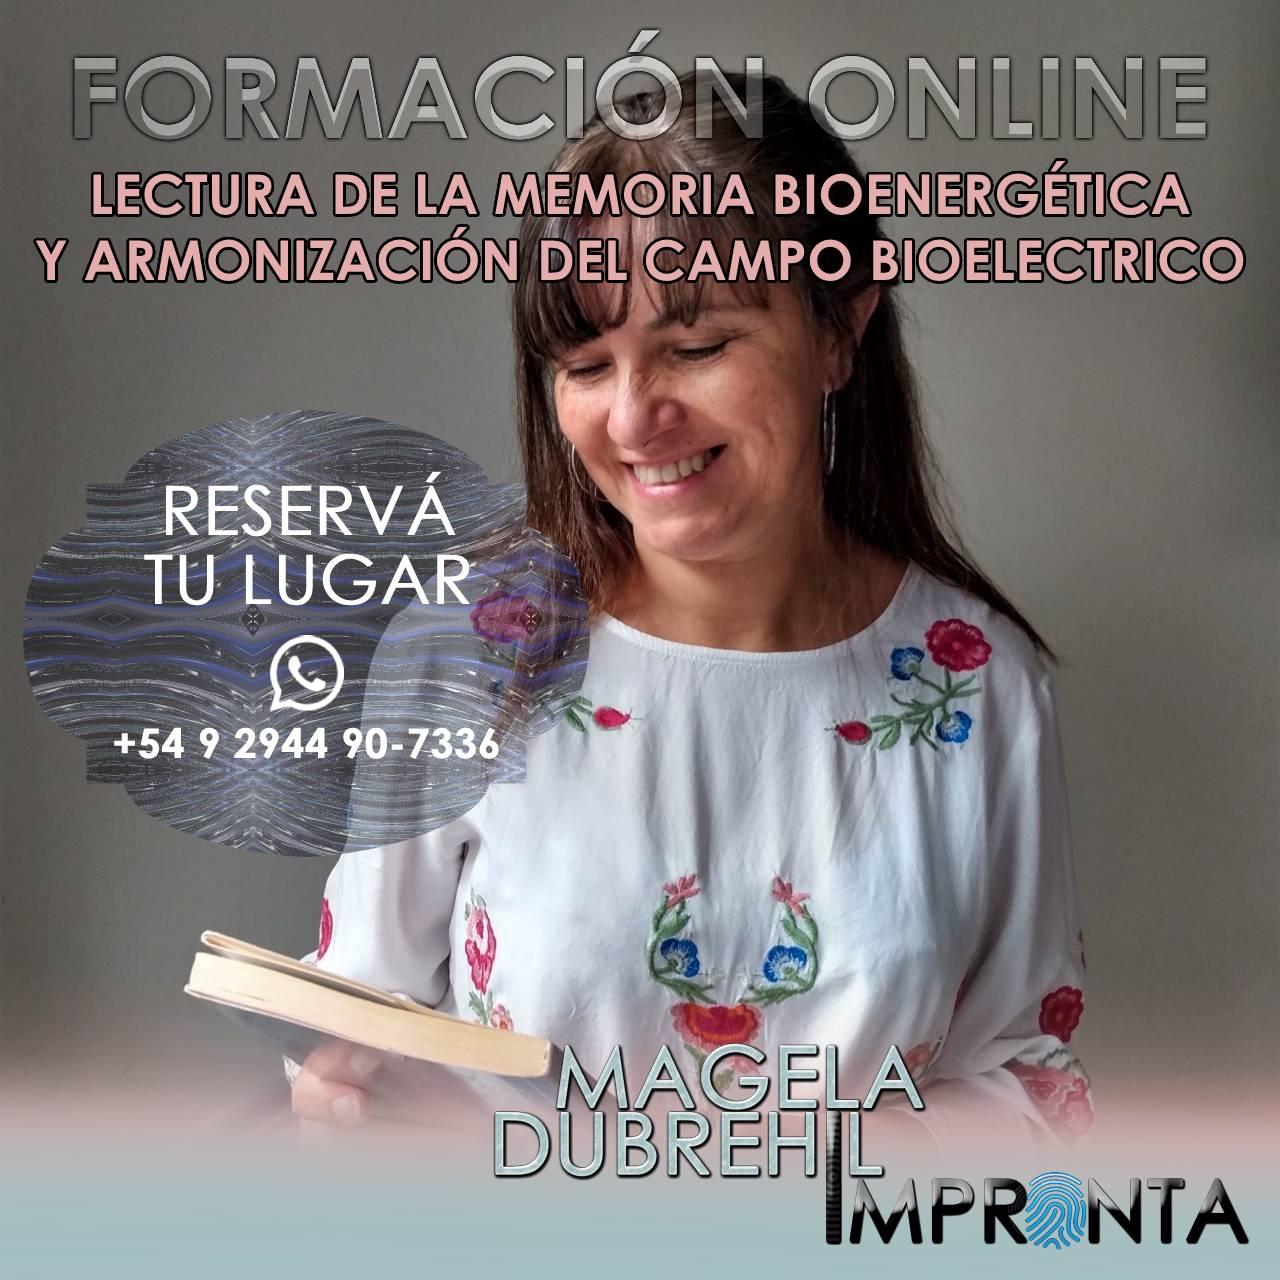 LECTURA DE LA MEMORIA BIOENERGÉTICA Y ARMONIZACIÓN DEL CAMPO BIOELECTRICO